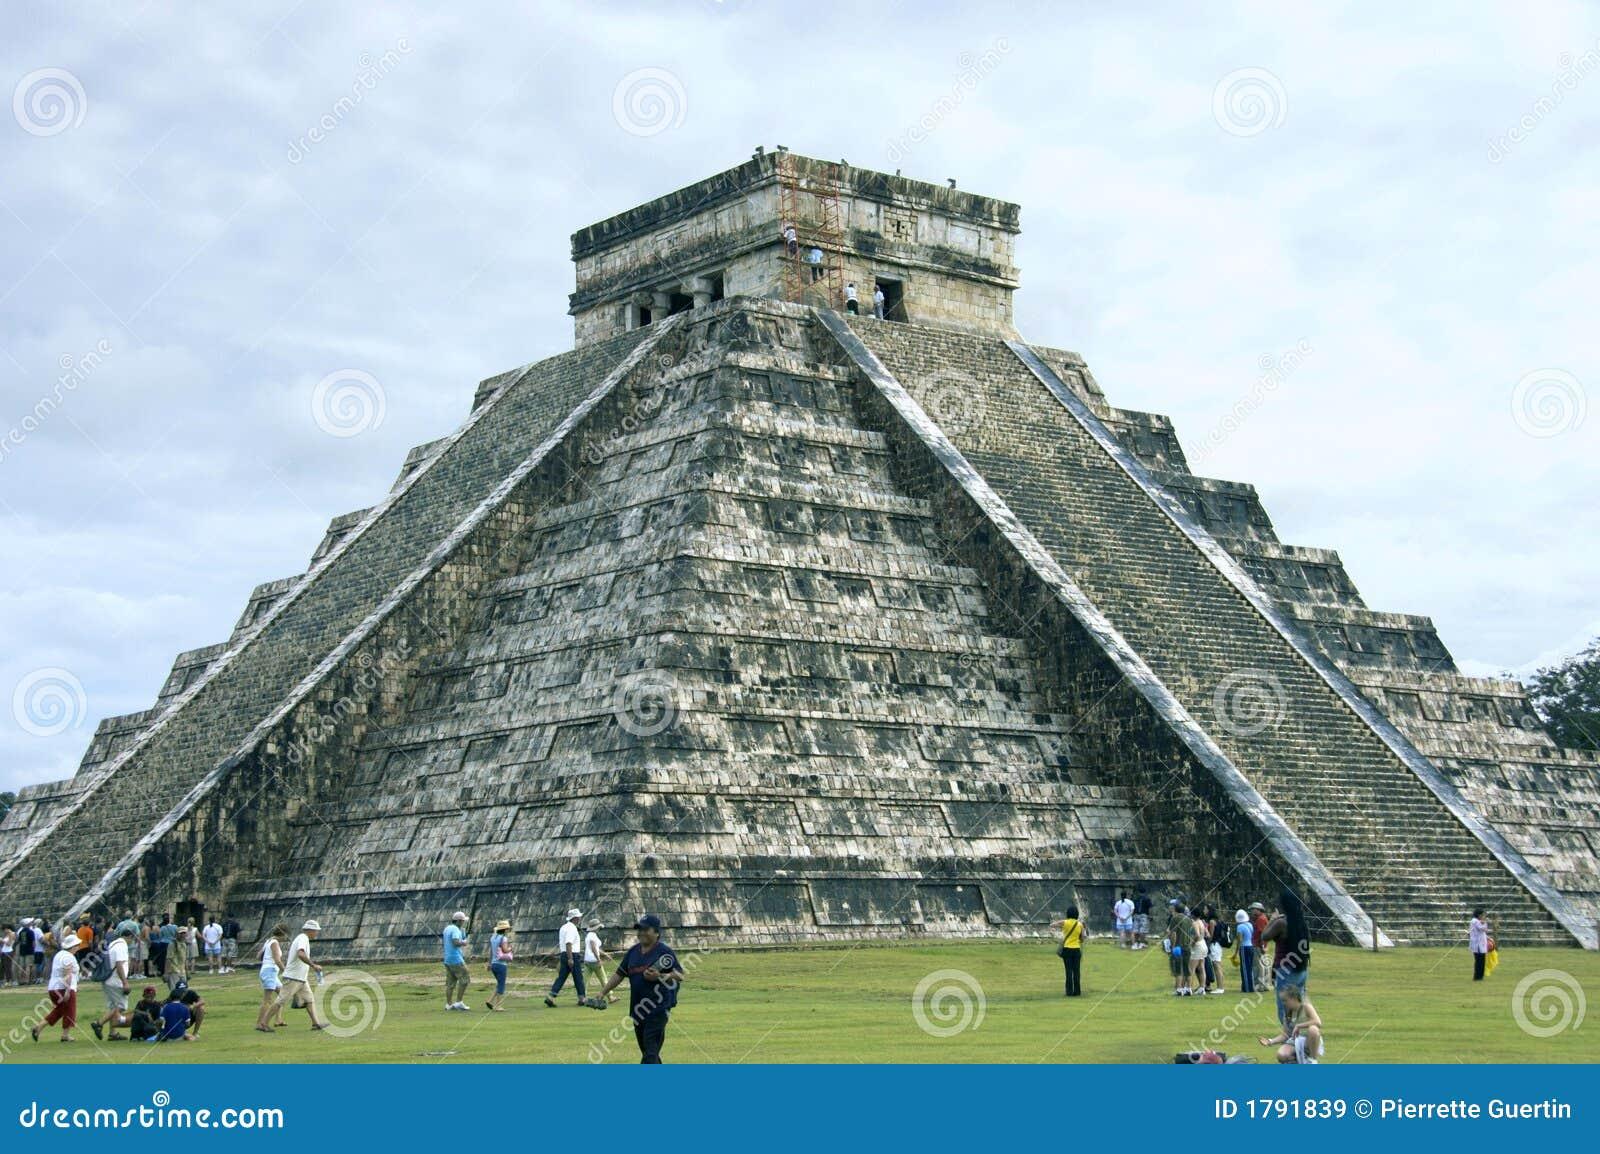 Pyramid Chichen Itza side view